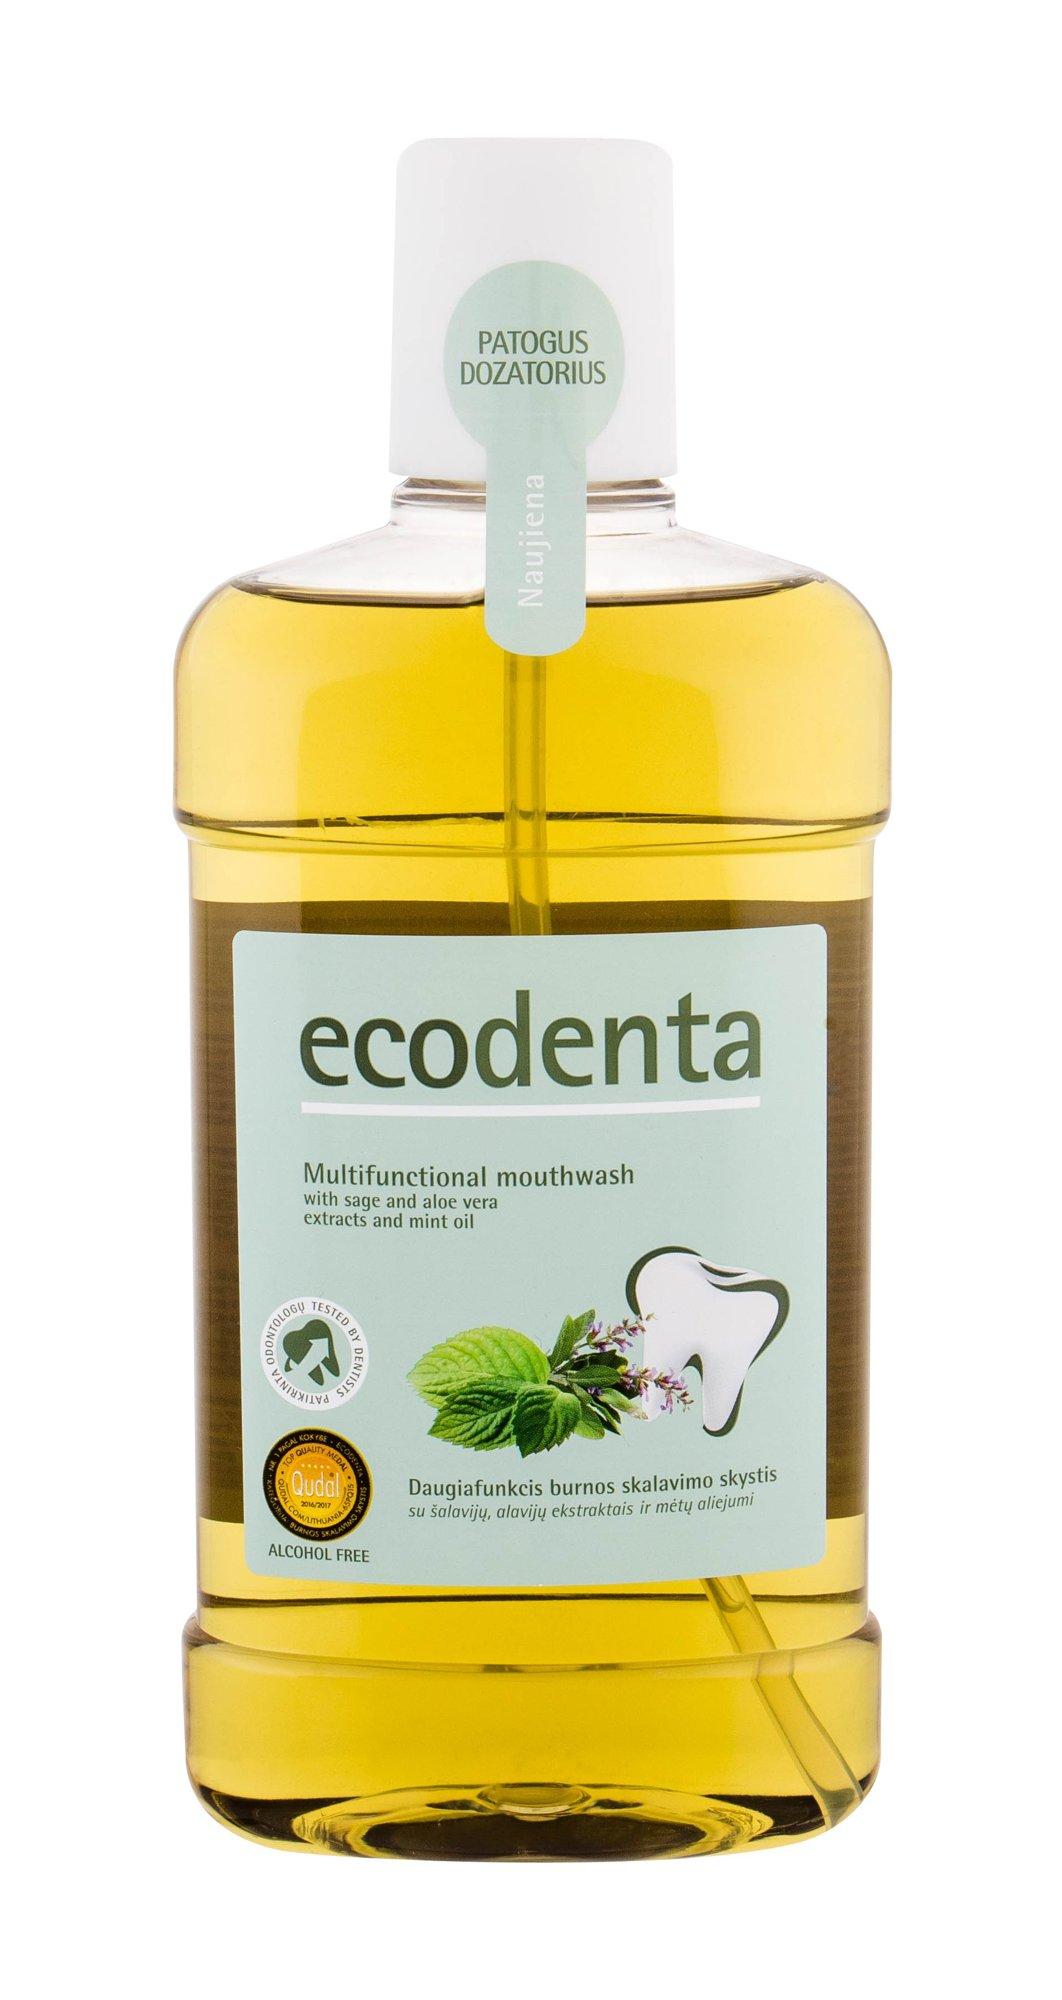 Ecodenta Mouthwash Mouthwash 500ml  Multifunctional